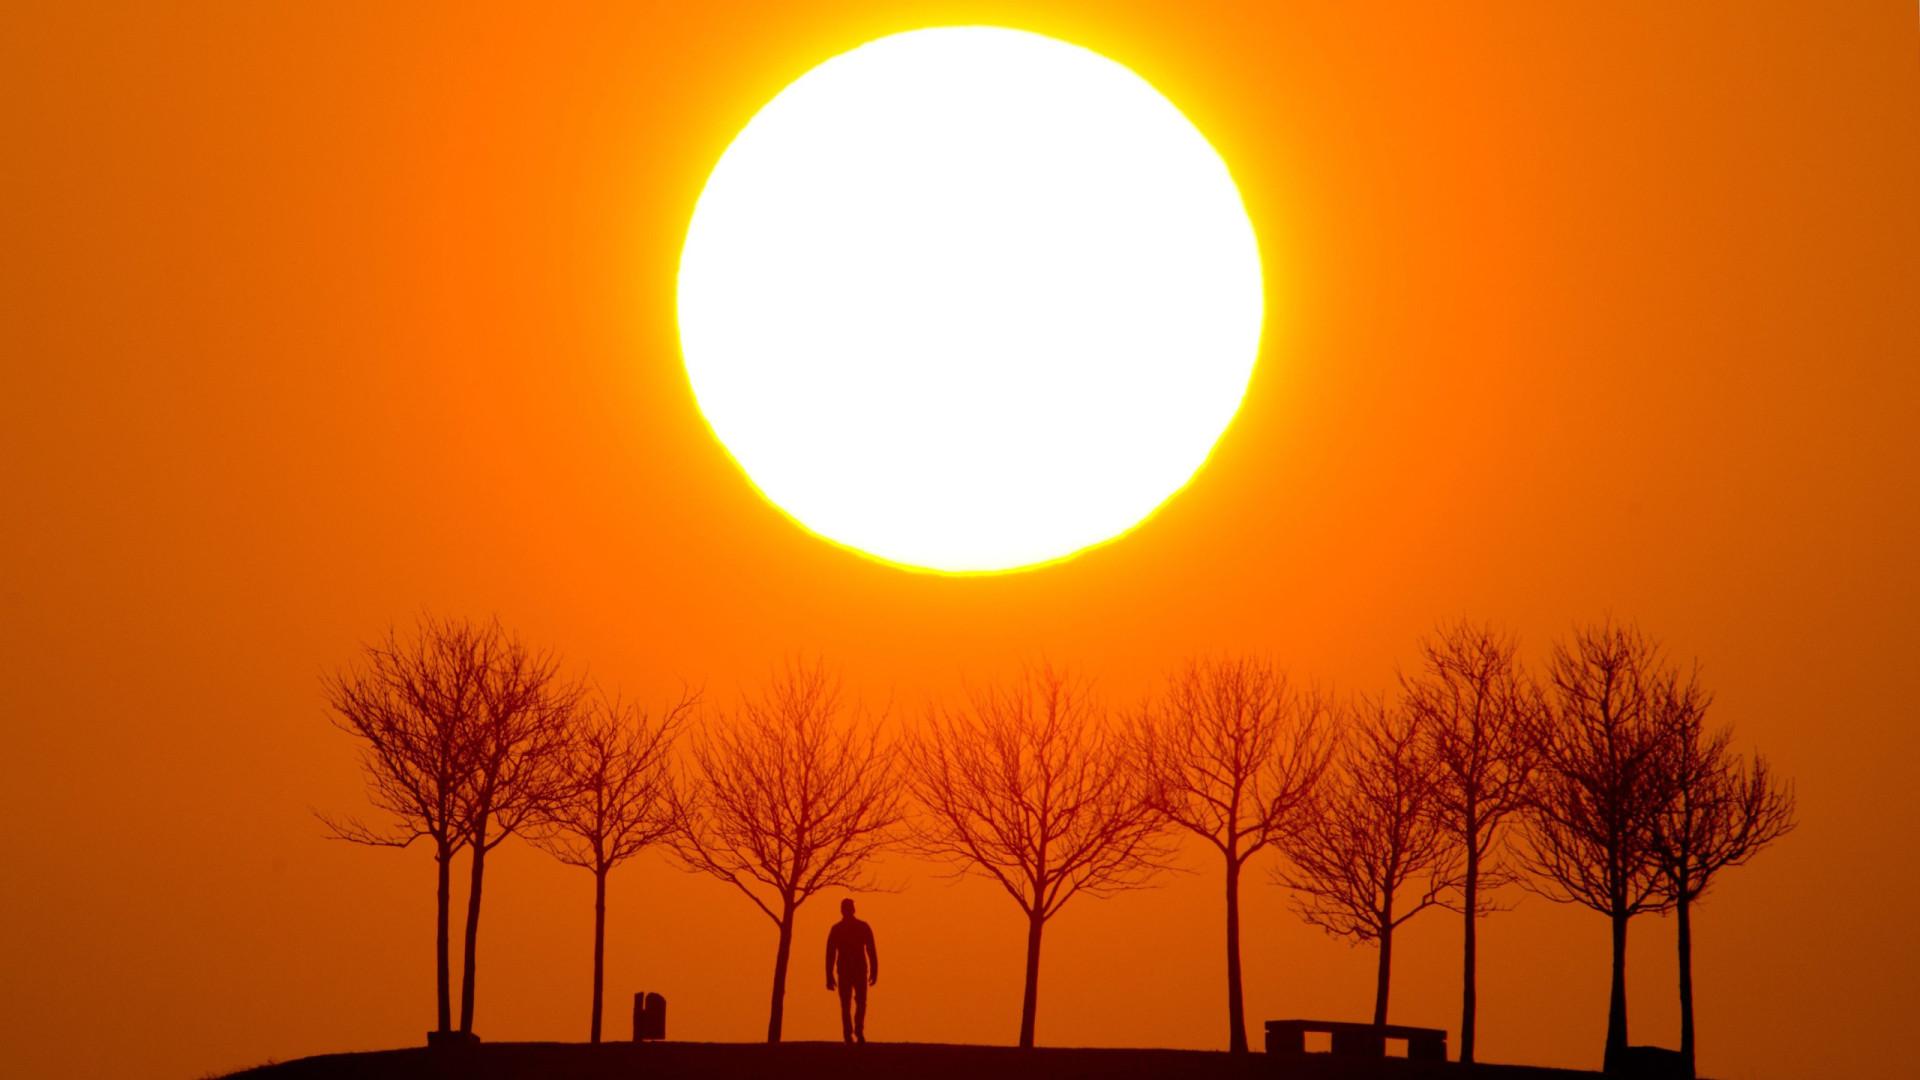 Calor começa a subir acentuadamente a partir de hoje em Portugal